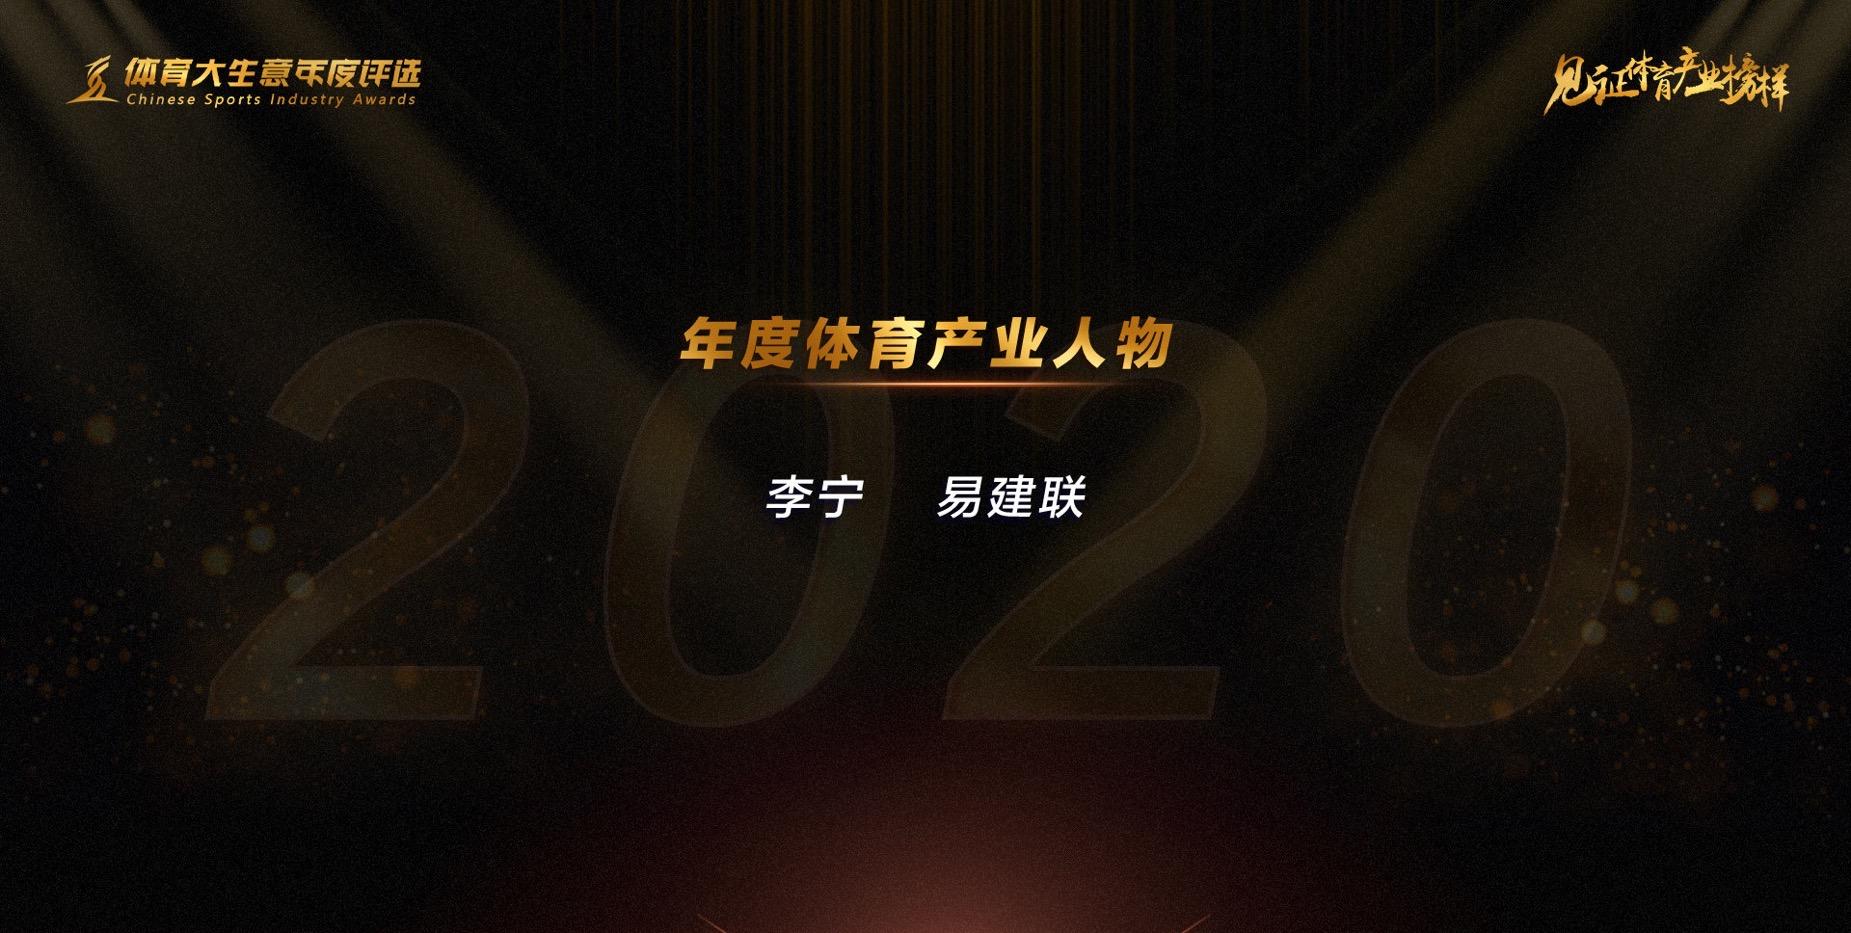 阿联和李宁获评年度体育产业人物